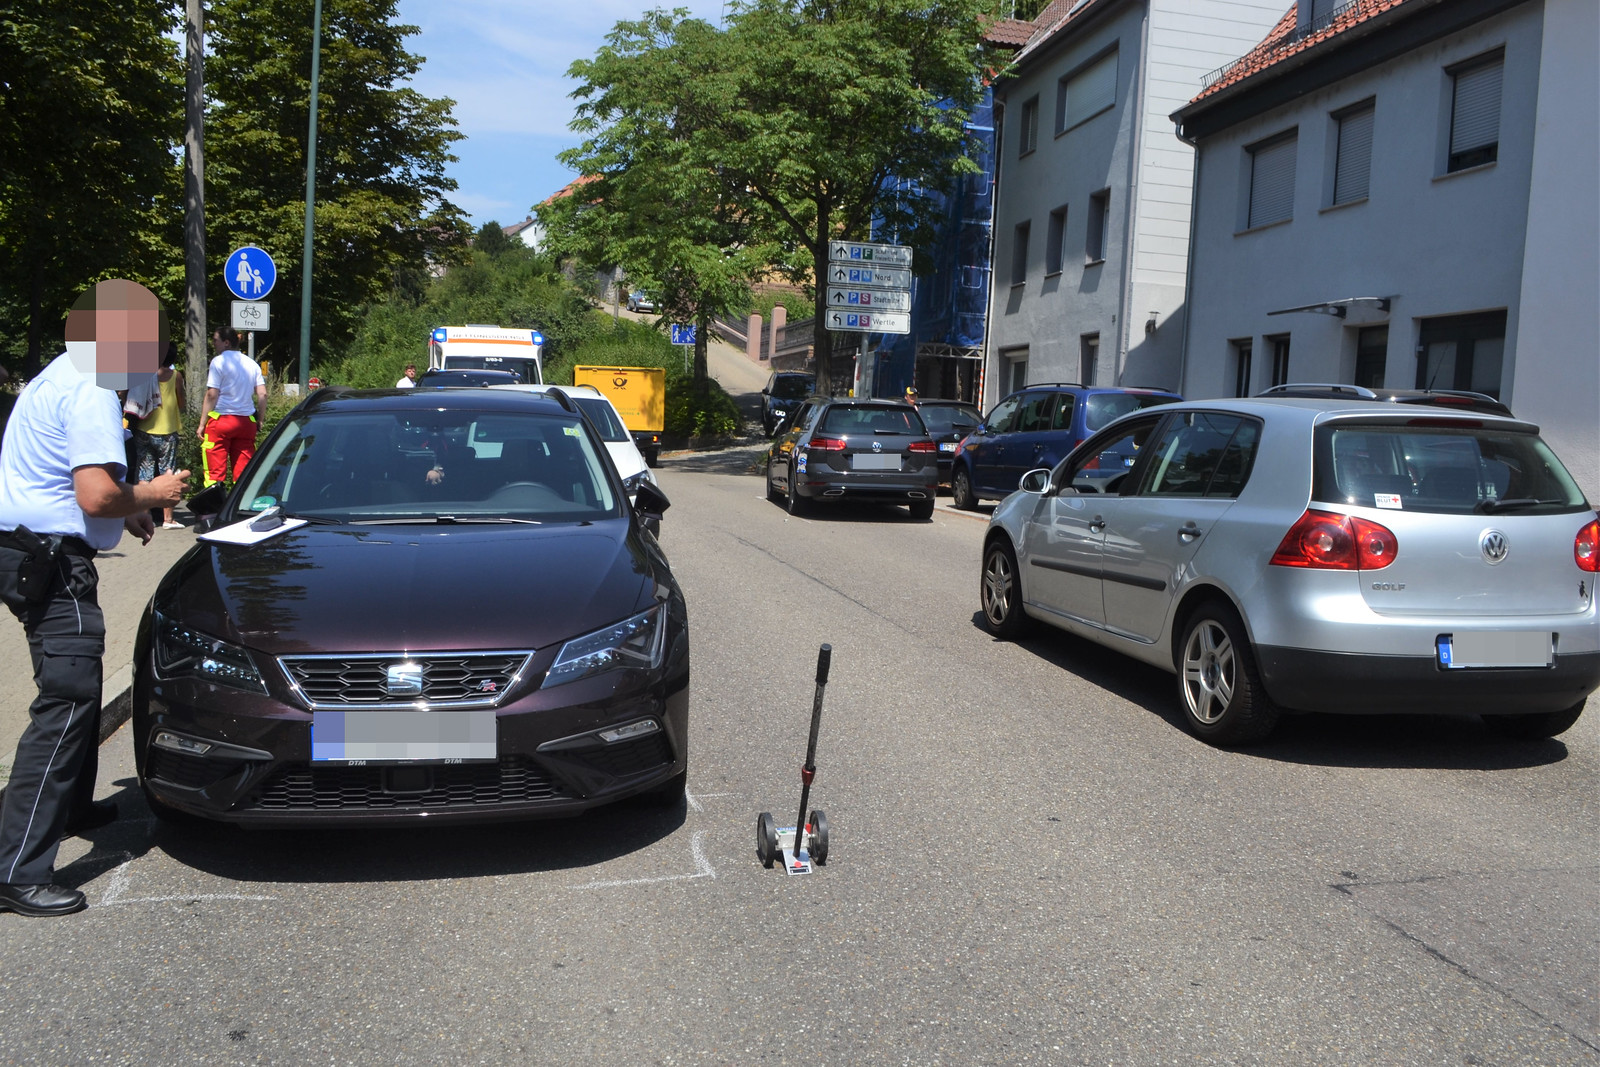 Mühlacker: Unfall mit 5 Fahrzeugen auf der Enzstraße - 25.07.20198